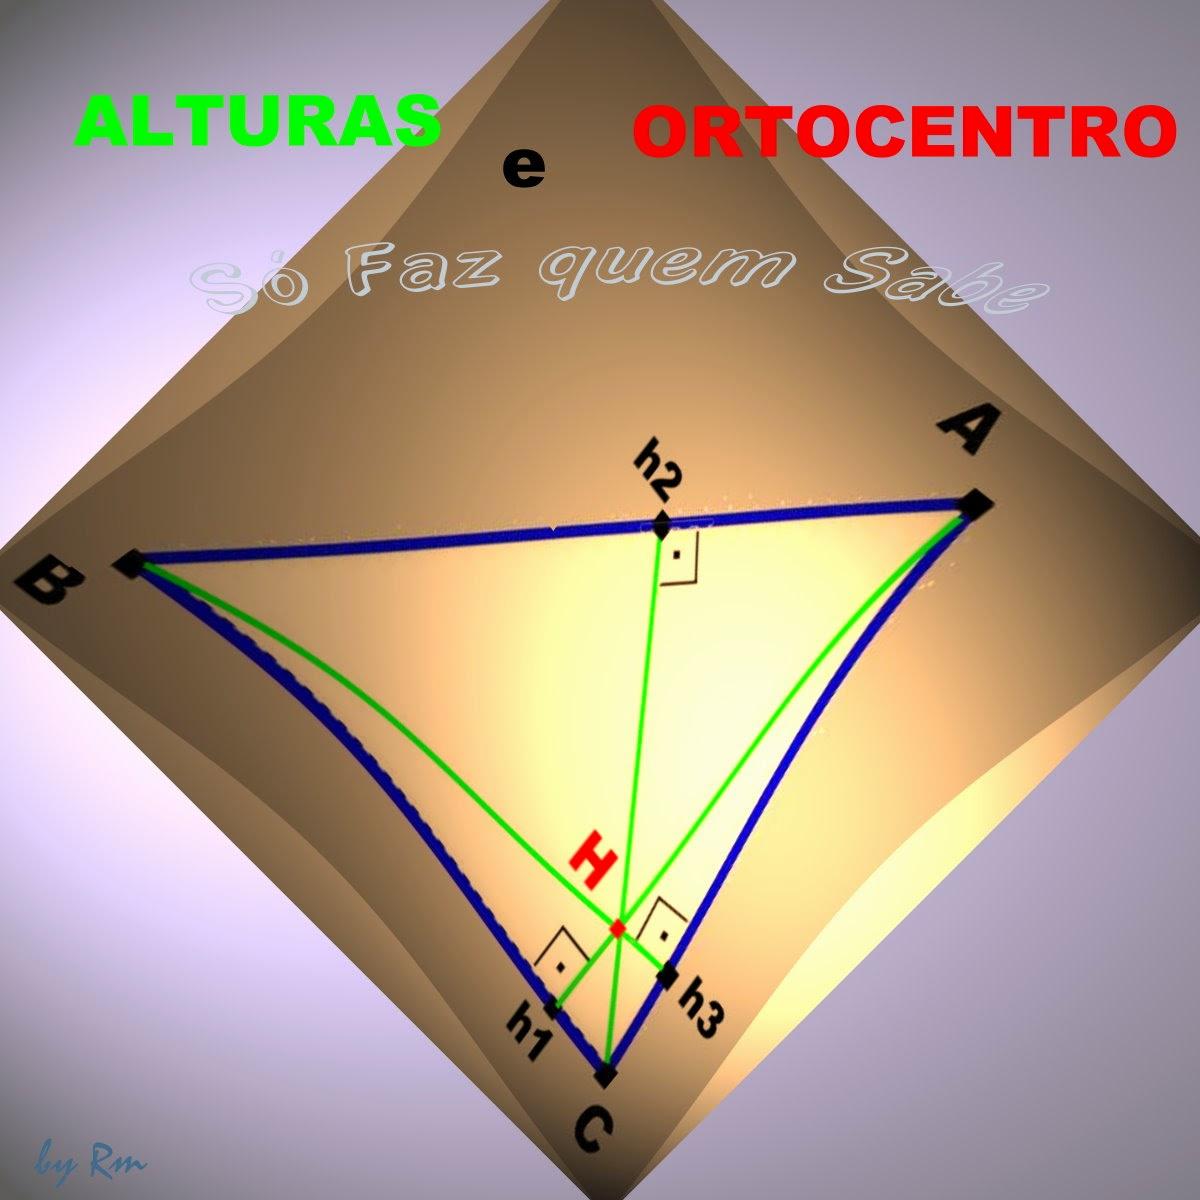 A intersecção das alturas de um trriângulo gera um ponto chamado Ortocentro do triângulo.